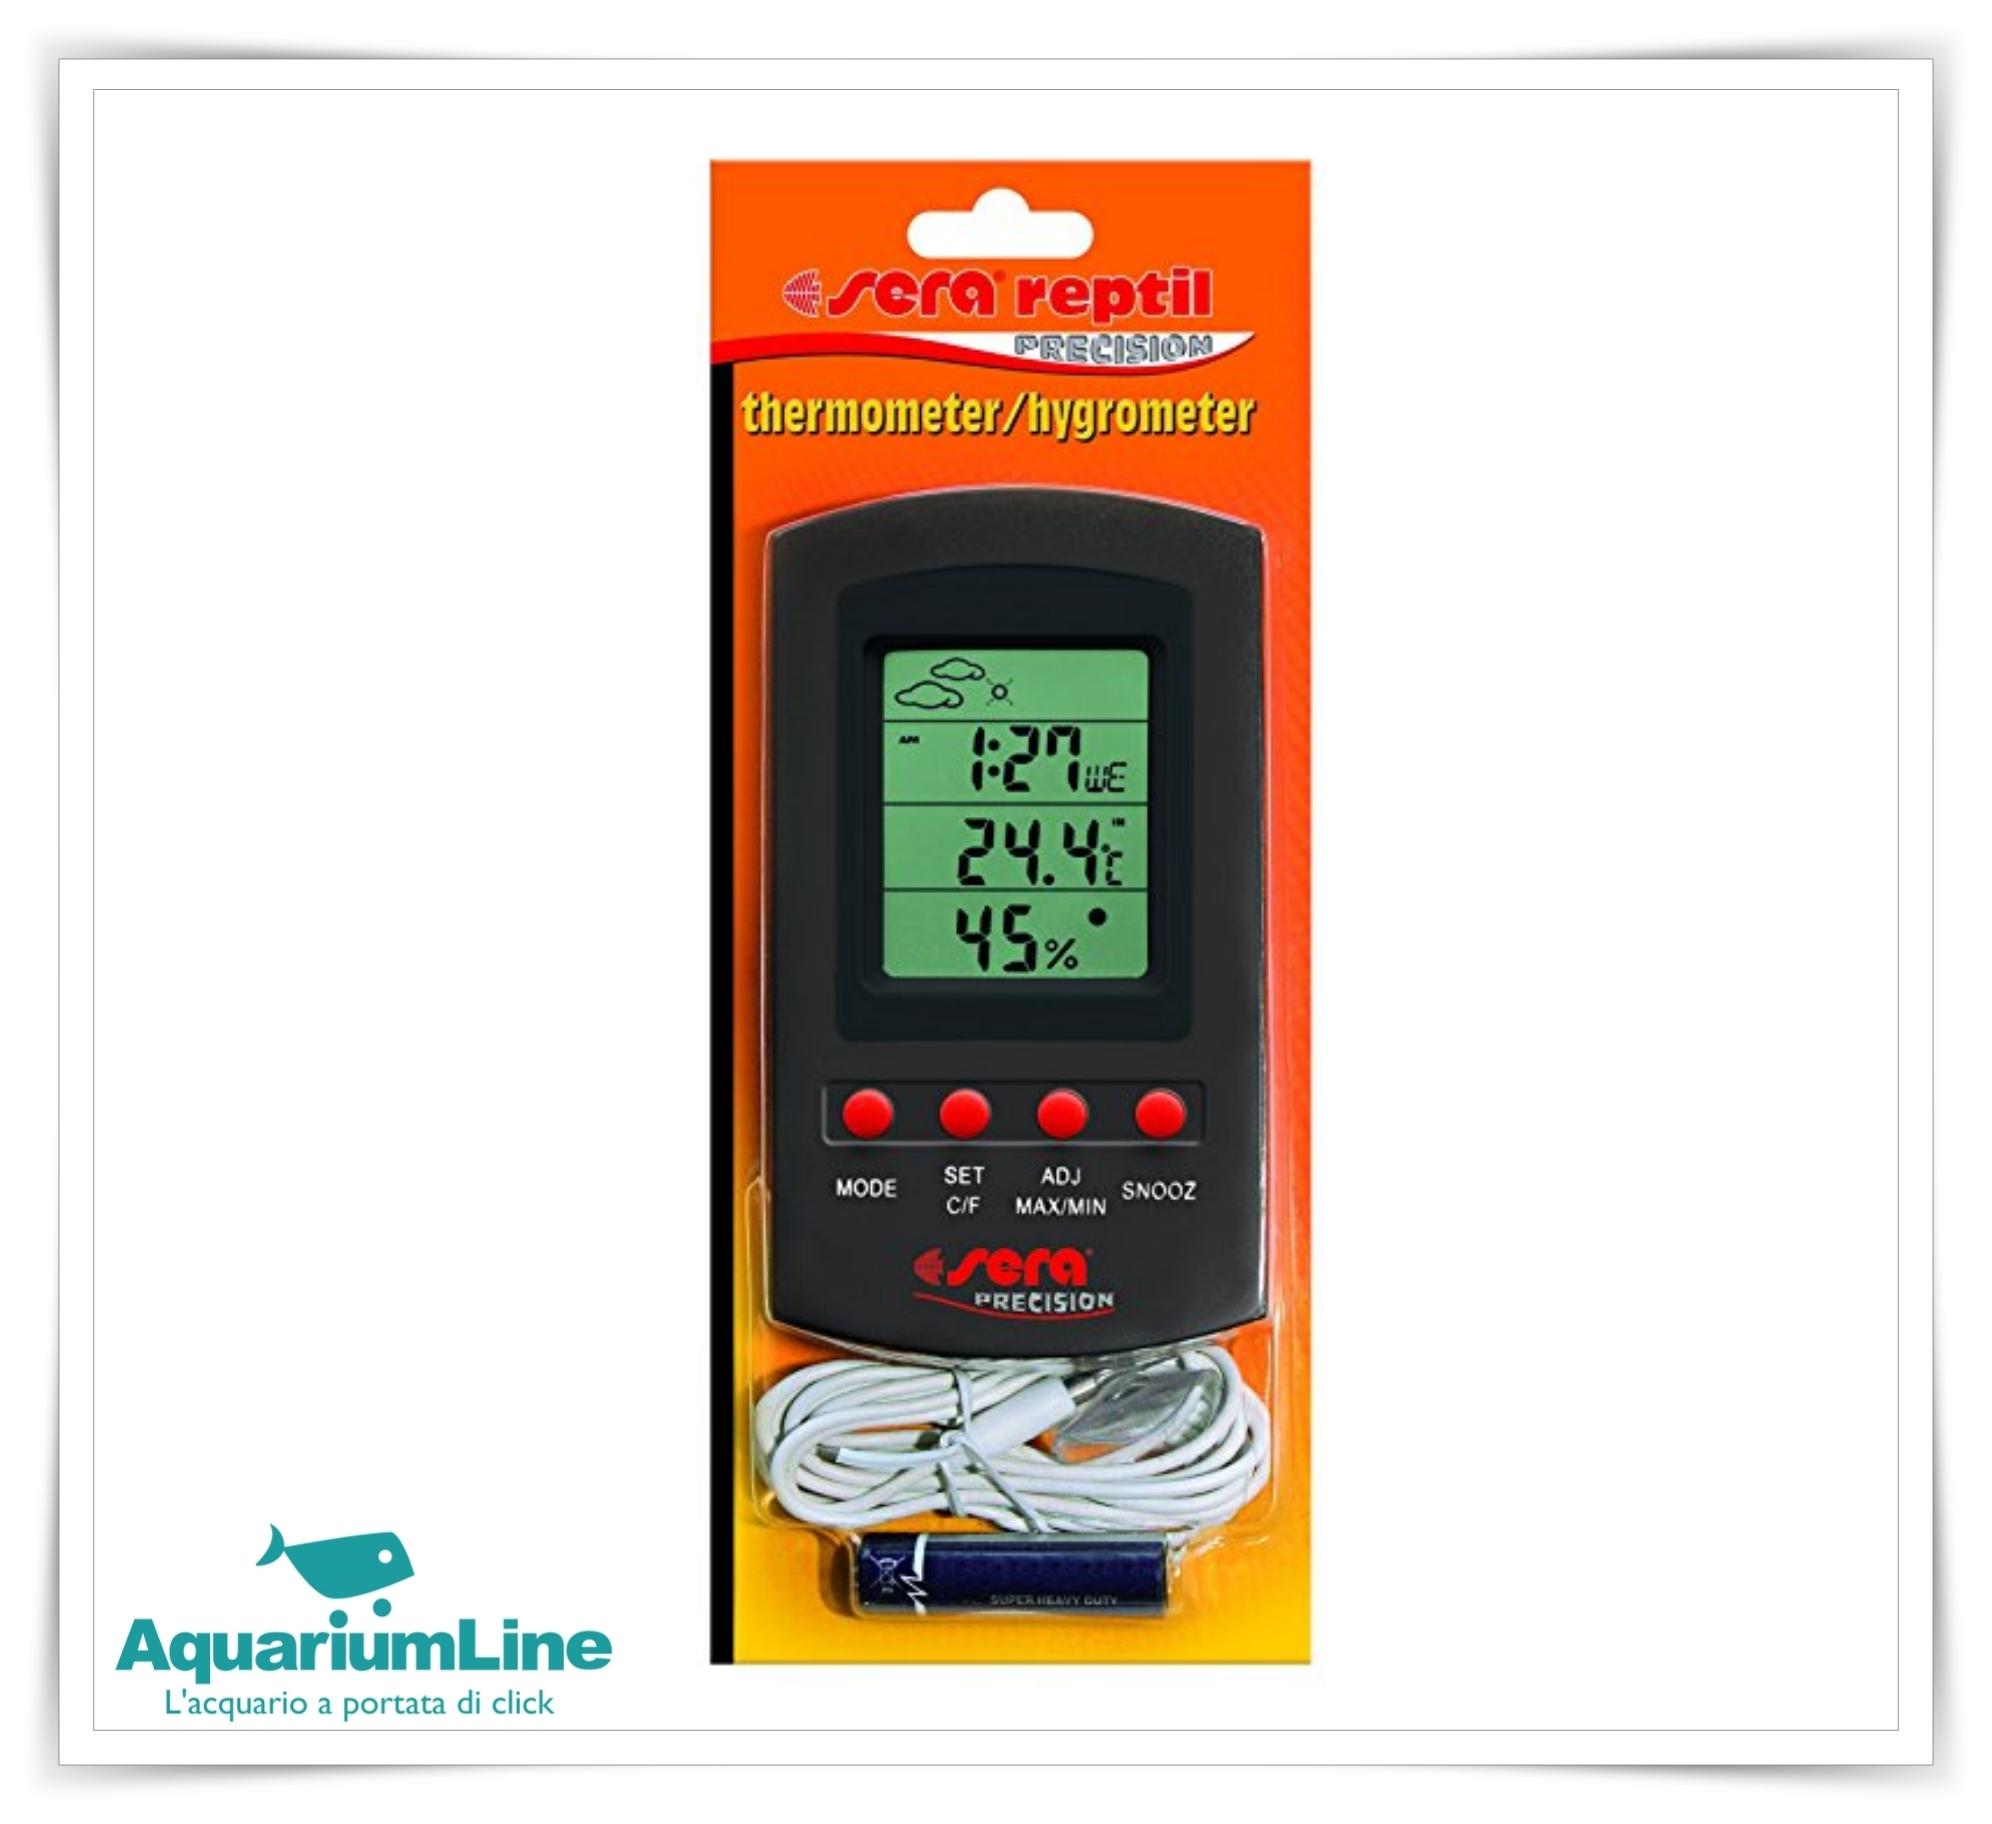 Sera termometro hygrometro negozio for Temperatura acquario